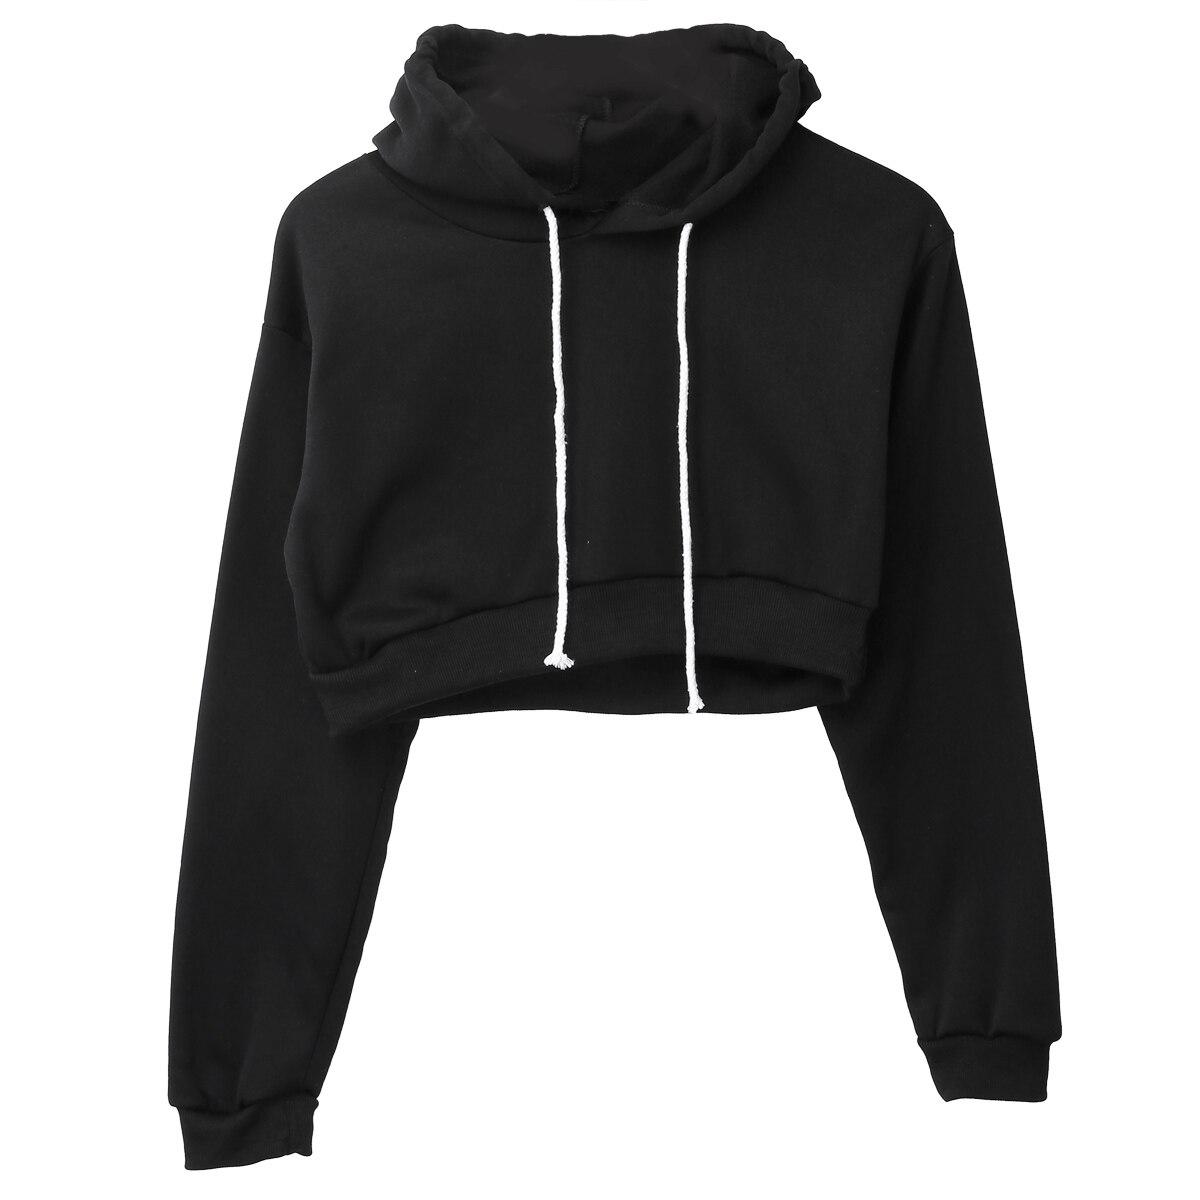 Cropped Hoodies Sweatshirt Women 2019 Summer Casual Fitness Solid Color Full Long Sleeve Hoodie Black Plain Crop Top